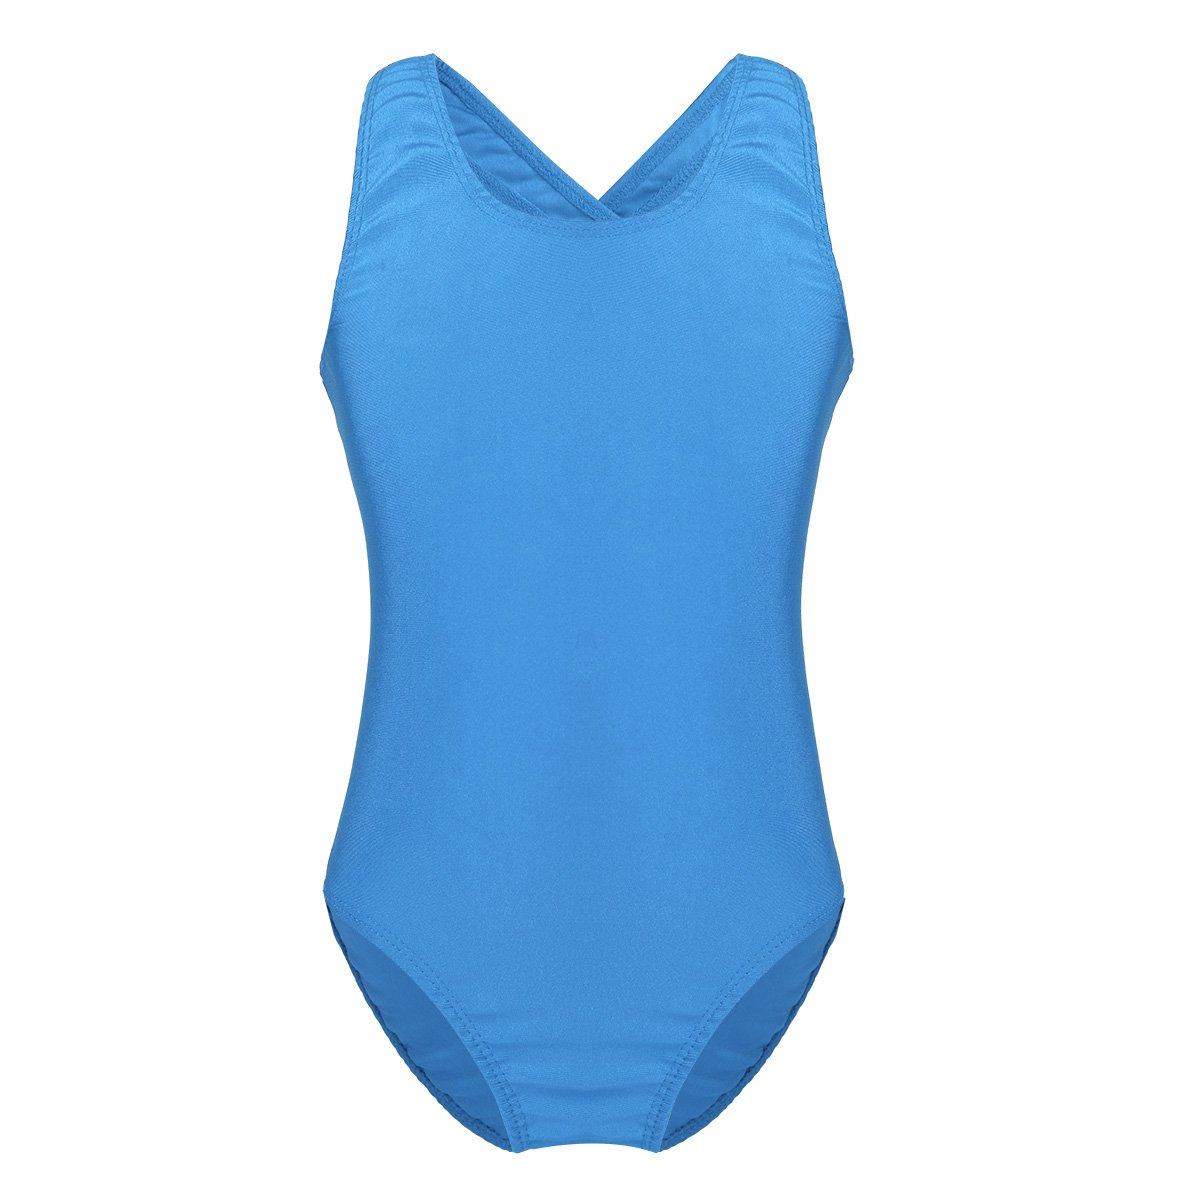 開店祝い iEFiEL Girls Little Ballerina Dancer Balletドレススカートレオタードジムダンス用 B07FTF5J5G Dancer 10|Blue Cutout Cutout Back Back # Blue Cutout Back # 10, アンバージャック:23616b46 --- preocuparse.me